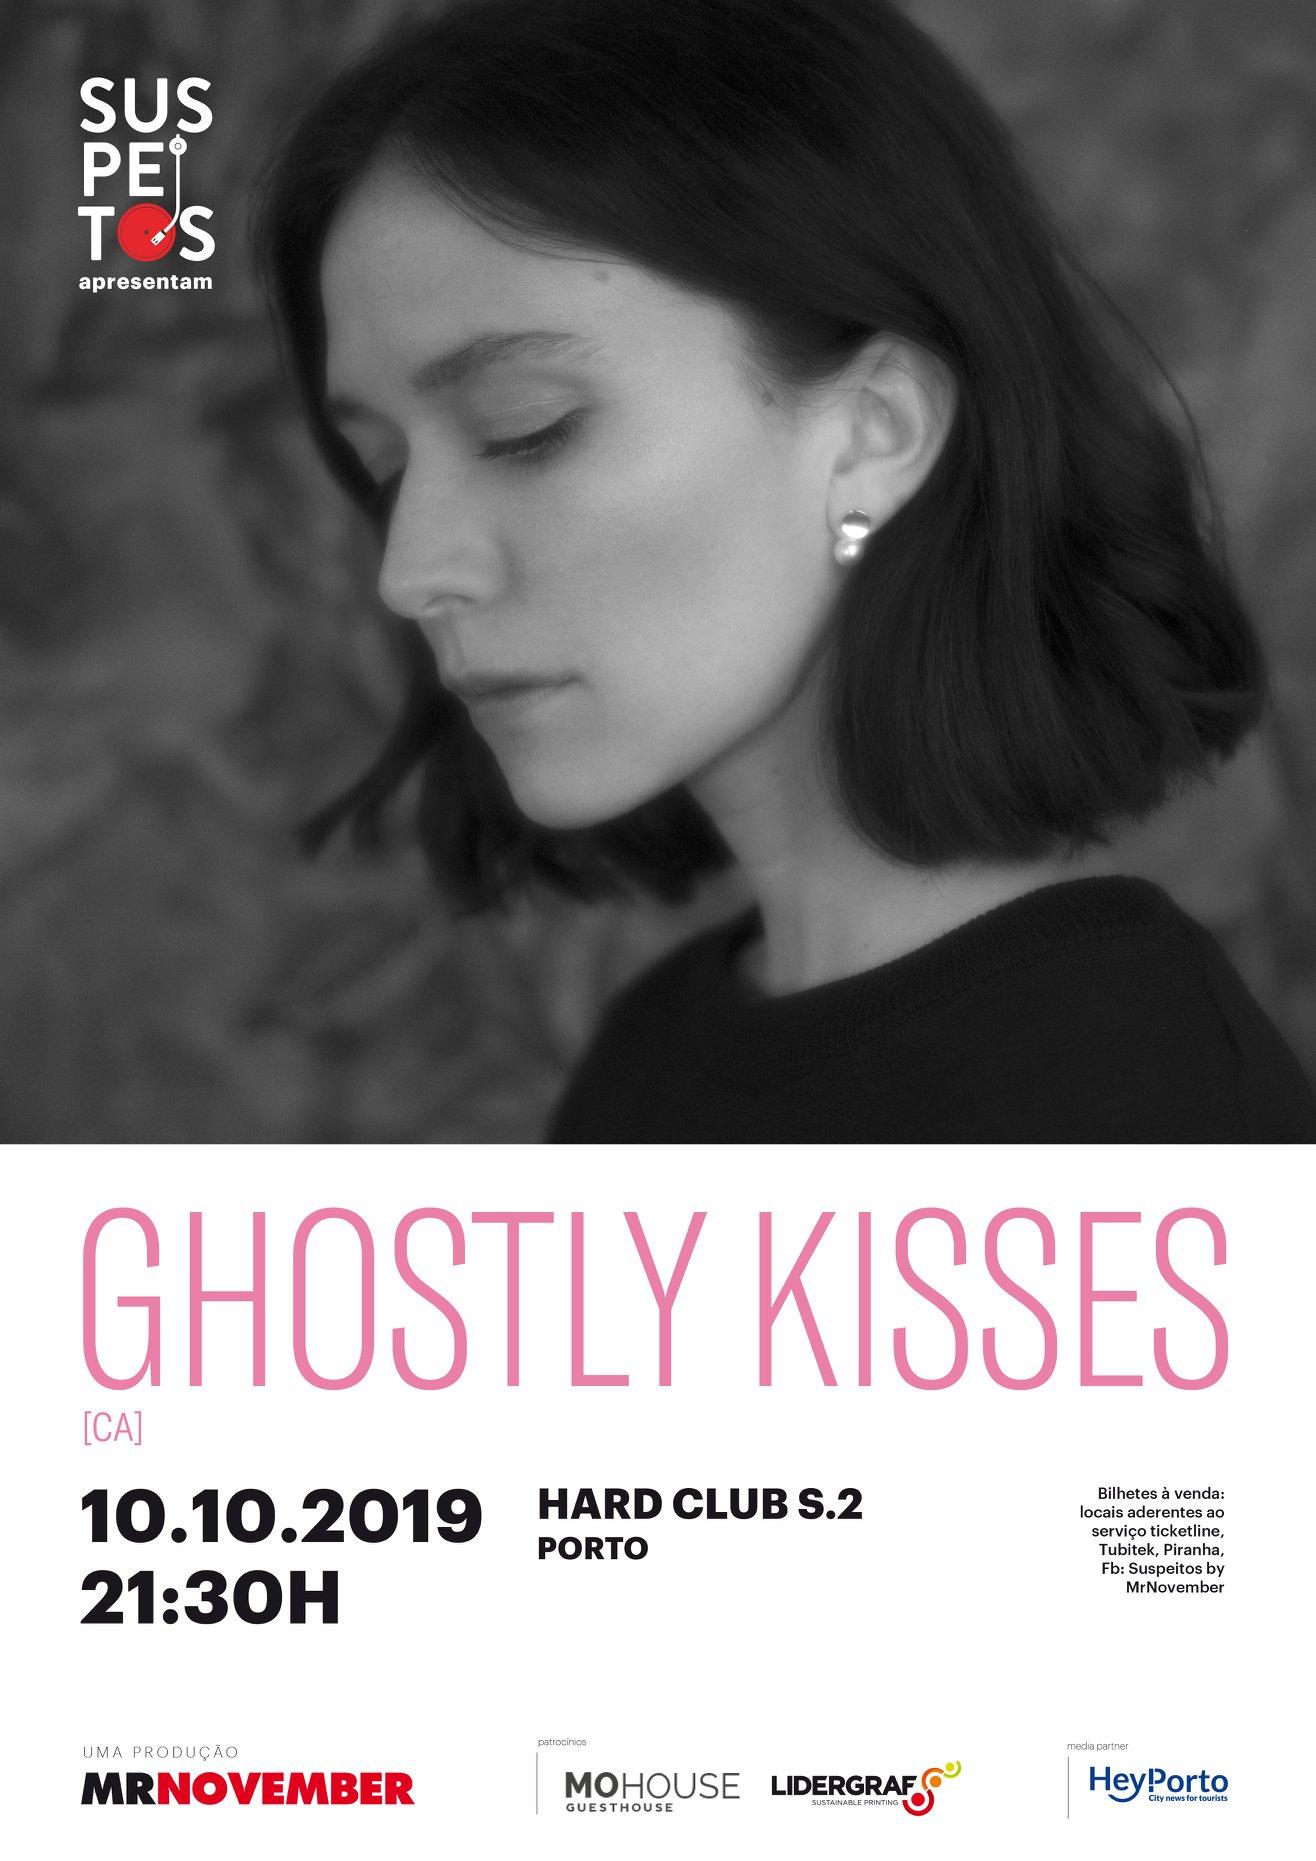 Ghostly-Kisses-concerto-Suspeitos-MrNovember.jpg